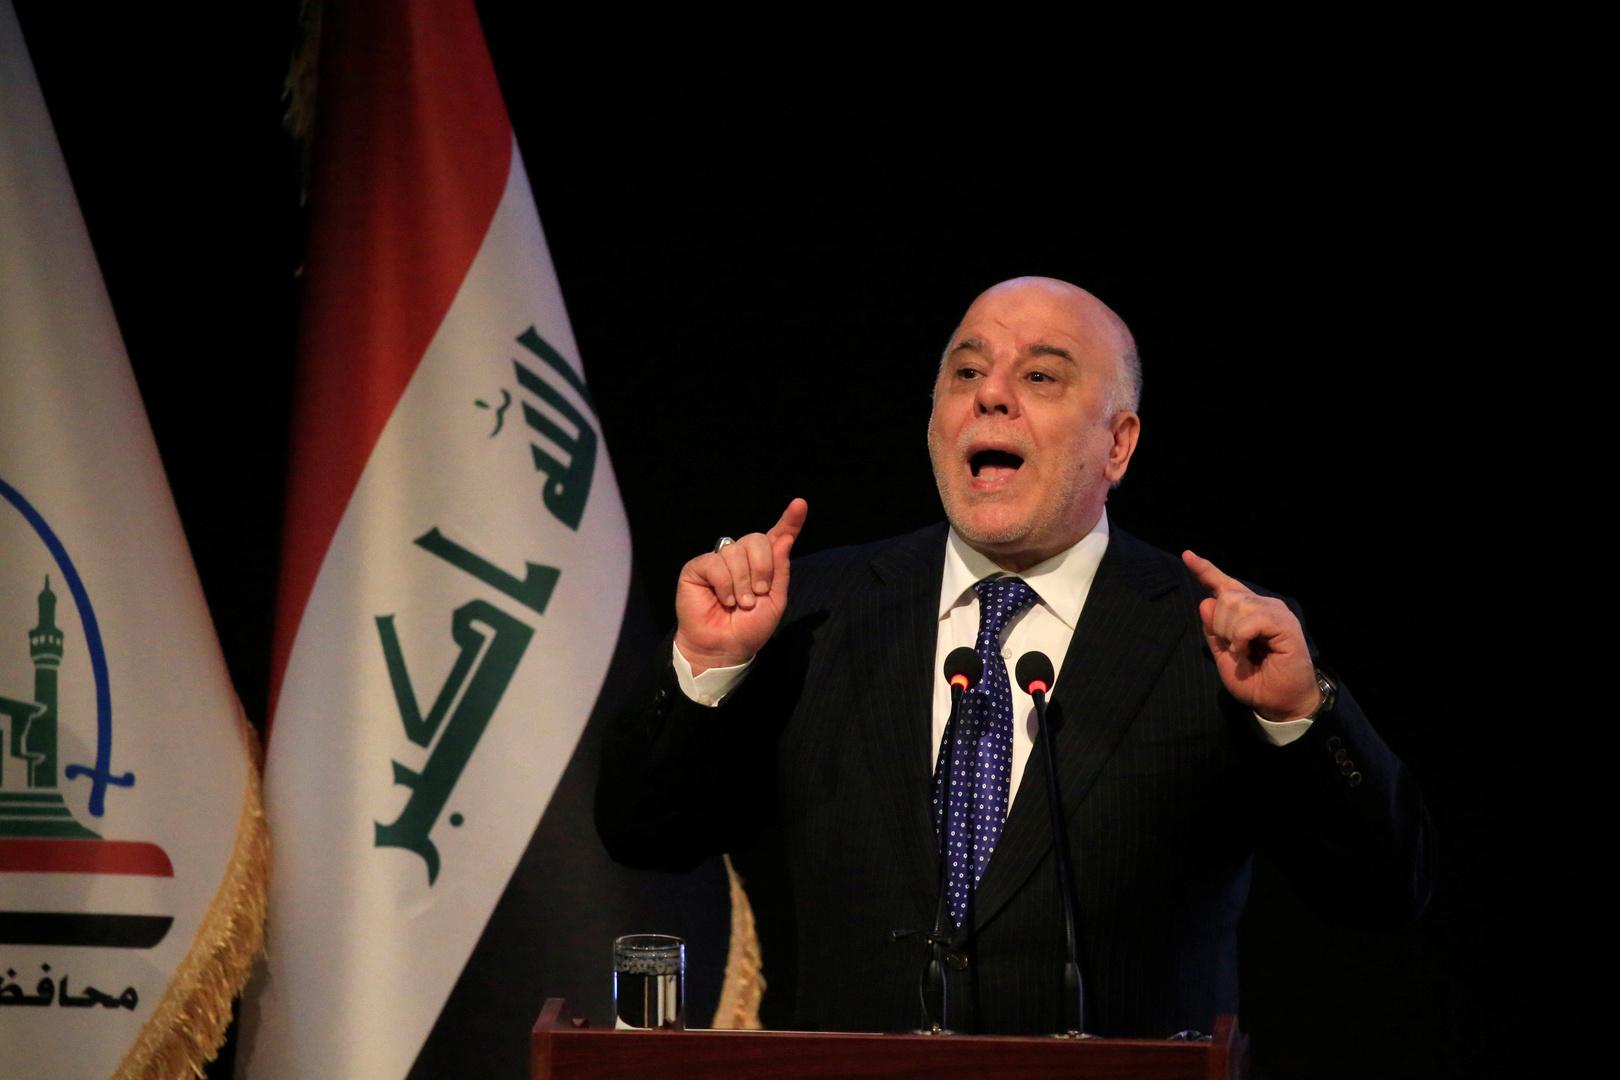 رئيس الوزراء العراقي السابق، حيدر العبادي